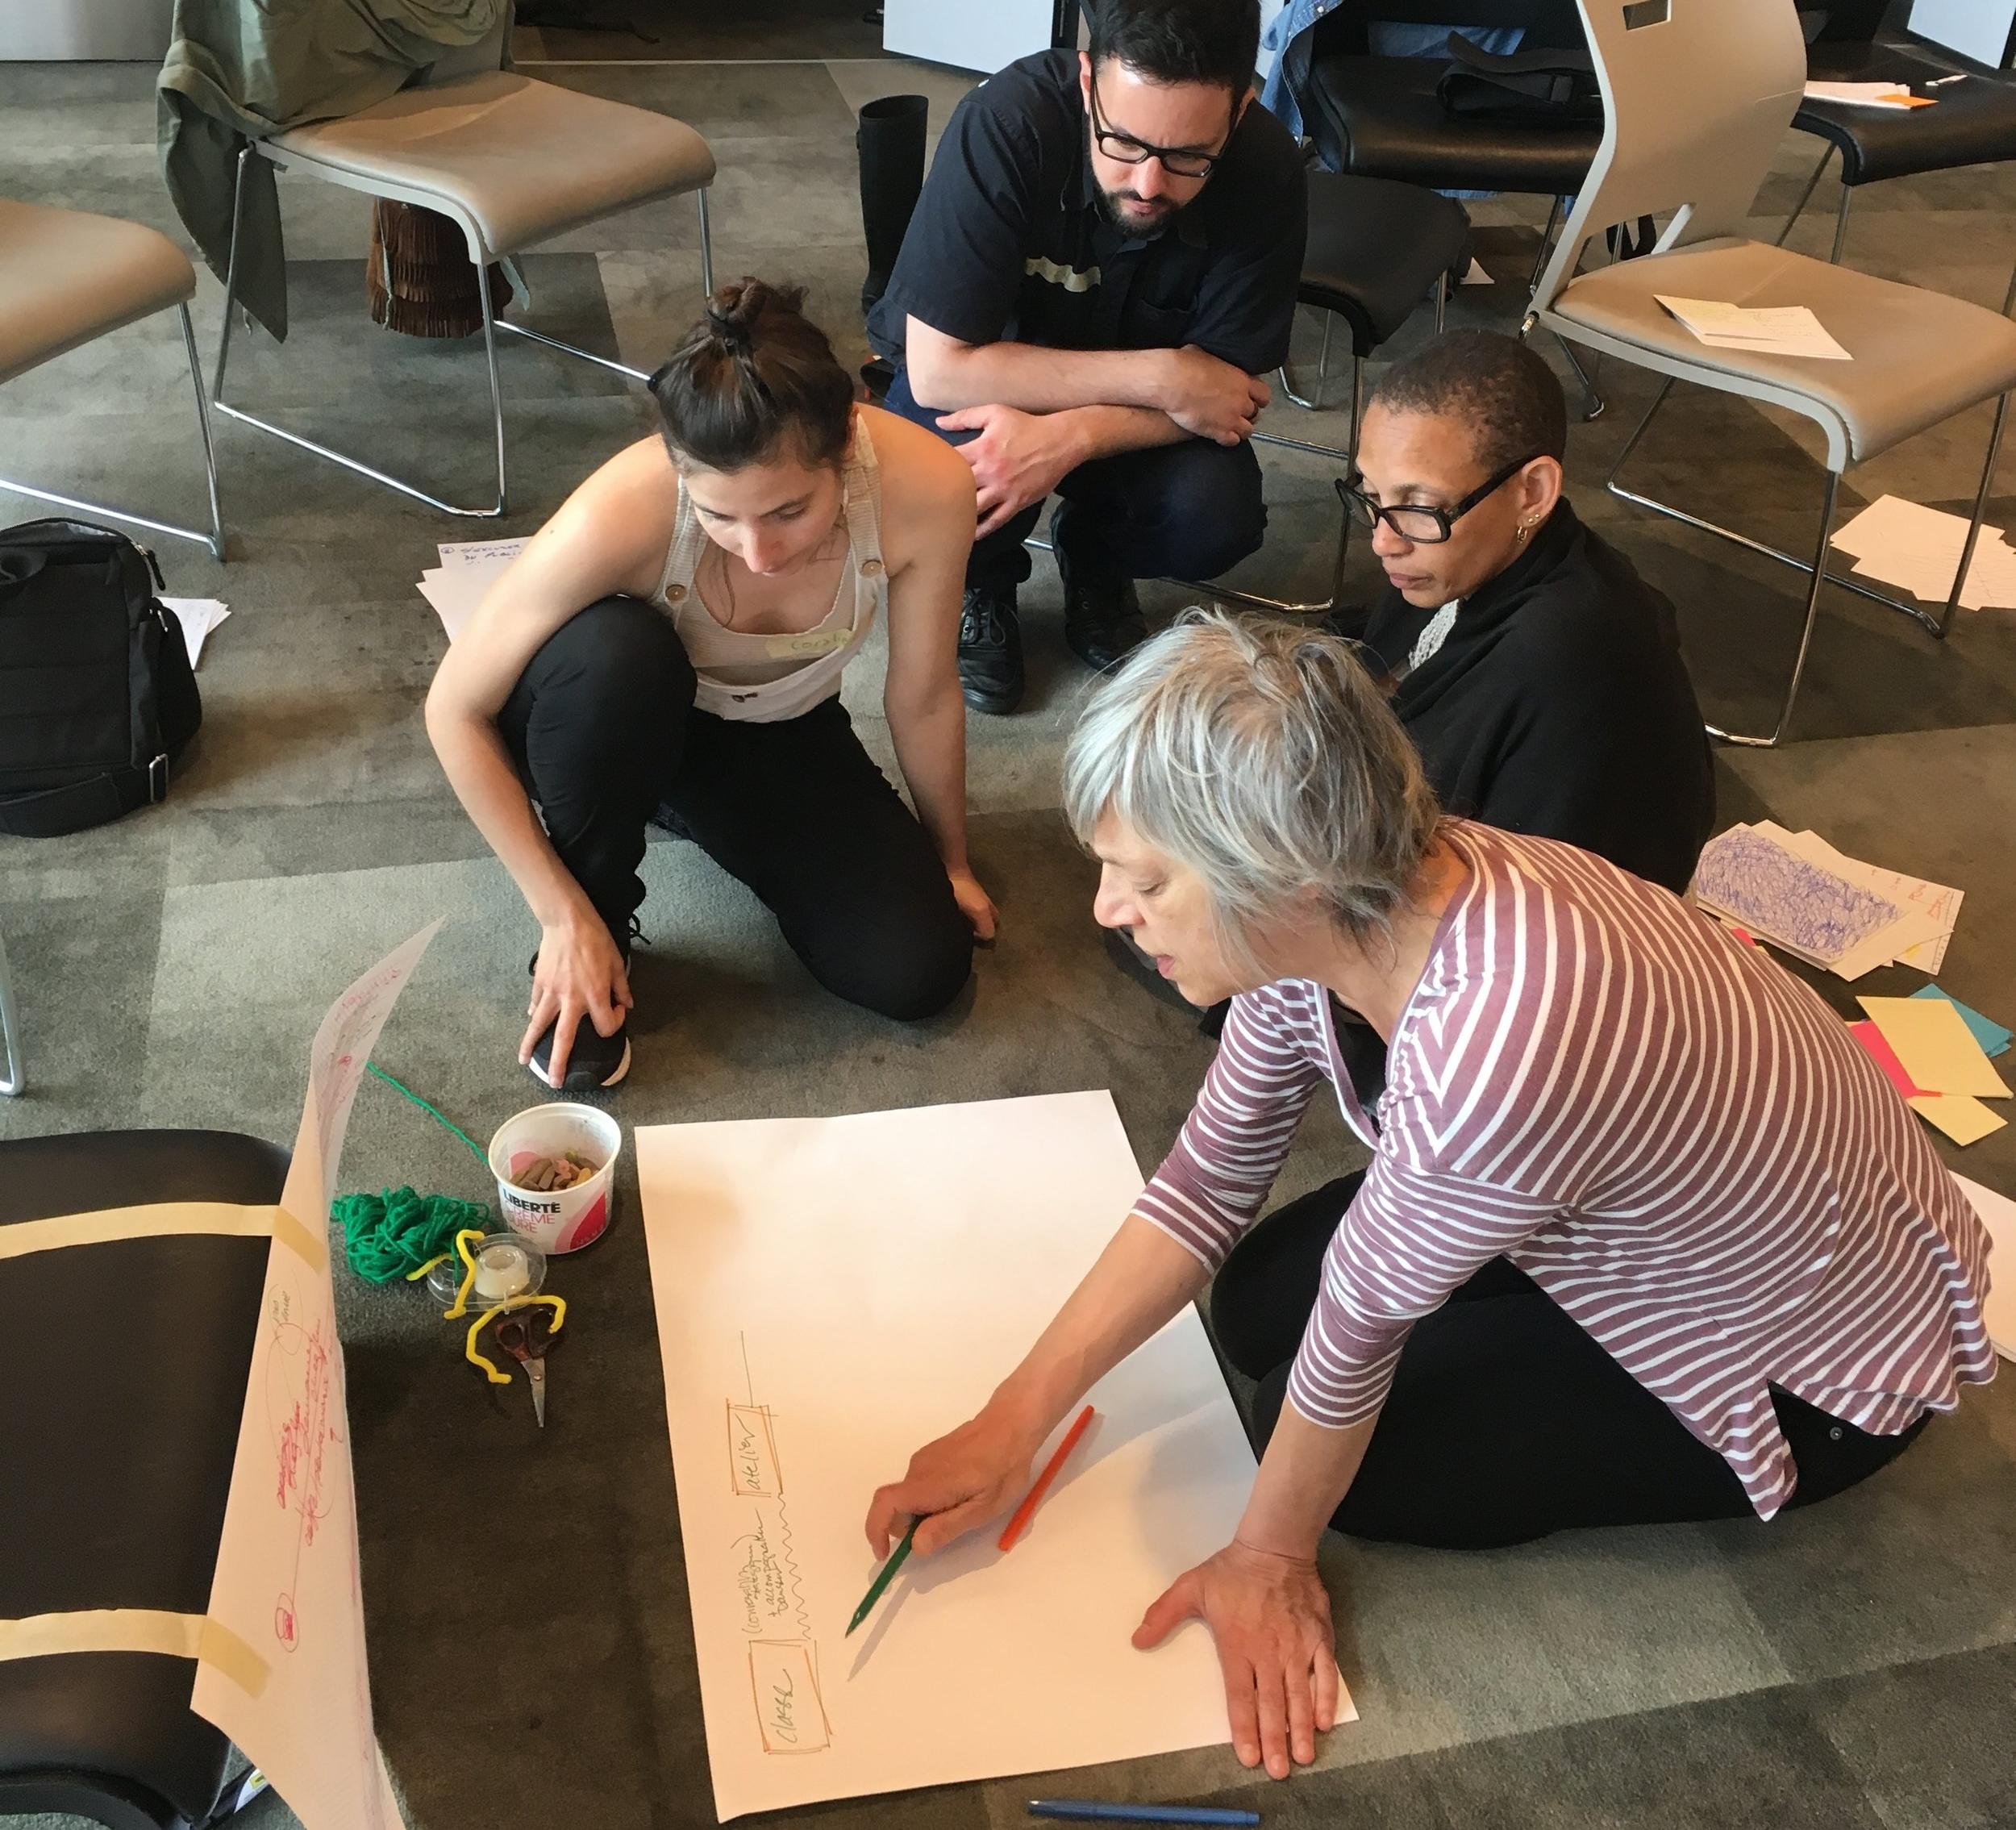 Regroupement québécois de la danse - Design et animation d'une journée de réflexion avec le conseil d'administration du RQD sur Comment mieux valoriser la danse auprès du grand public? Empathie, analogies et prototypages étaient au centre de cette journée. Une collaboration avec Hanneke Ronken.#design #evenement #collaboratif #strategie